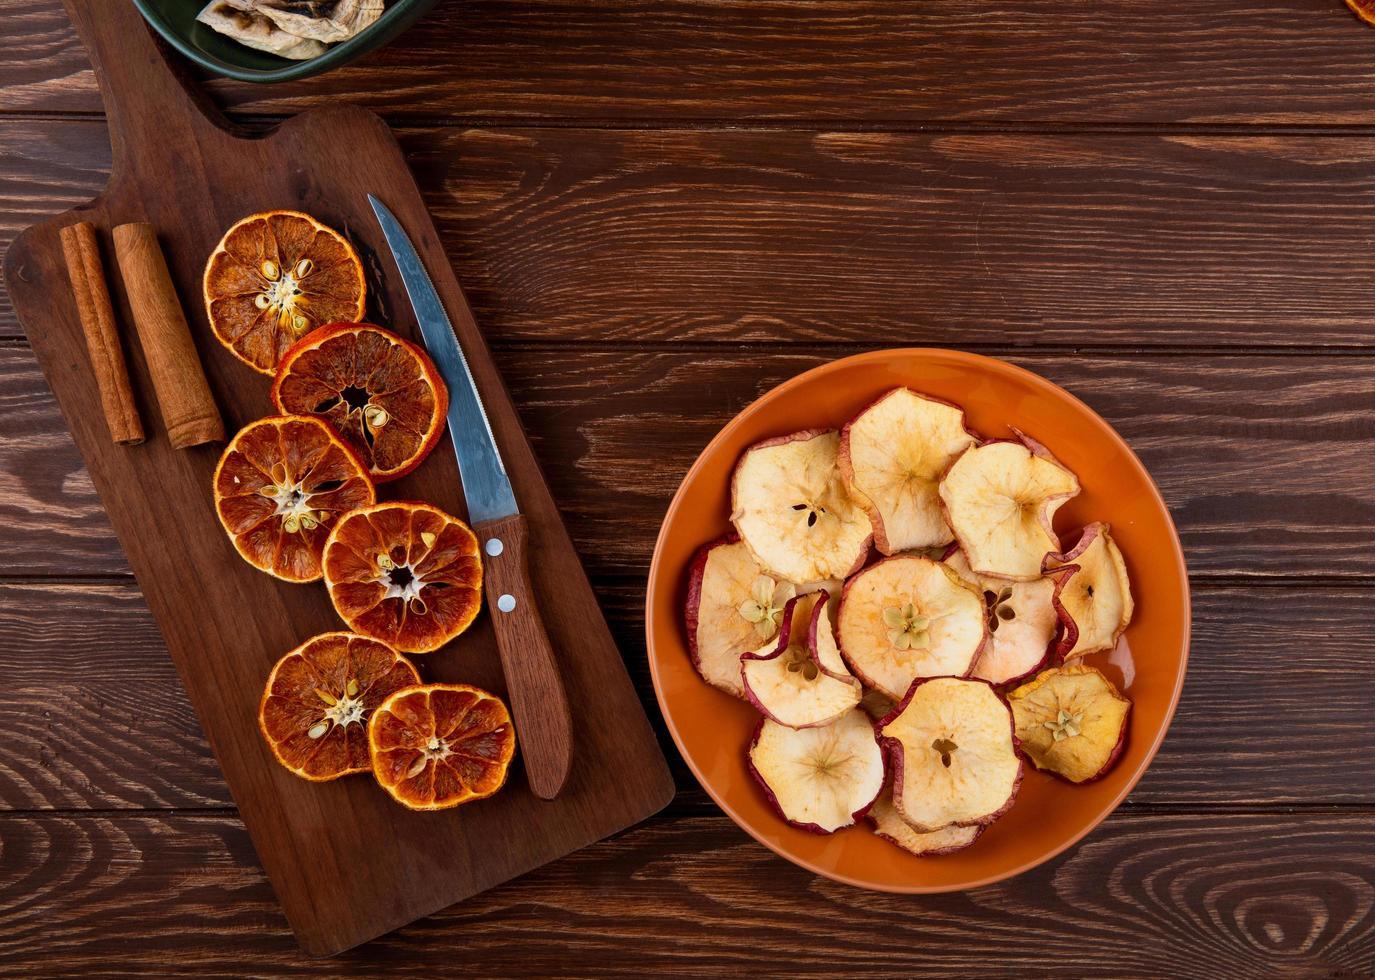 Draufsicht von getrockneten Orangenscheiben mit Küchenmesser auf einem hölzernen Schneidebrett und getrockneten Apfelscheiben auf einem Teller auf hölzernem Hintergrund foto